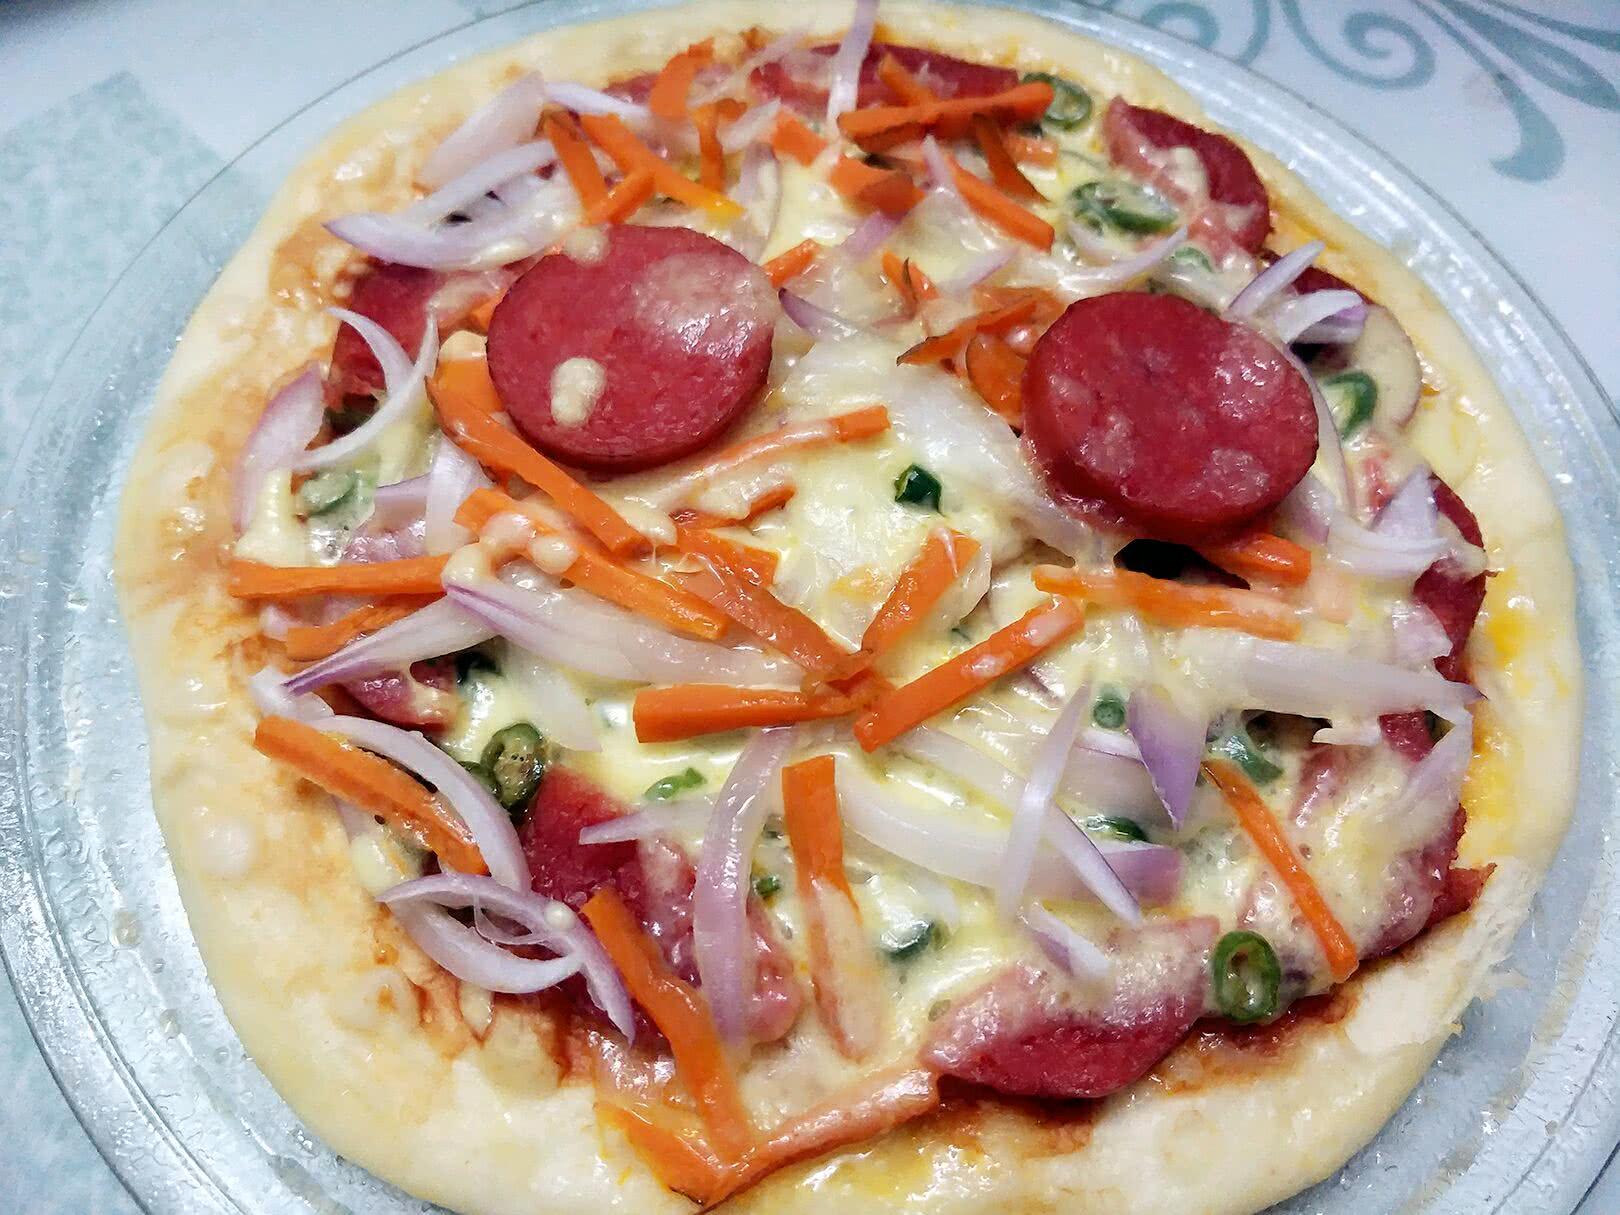 微波爐辣味蔬菜披薩的做法_【圖解】微波爐辣味蔬菜披薩怎么做如何做好吃_微波爐辣味蔬菜披薩家常做法大全_大明湖畔的你_豆果美食